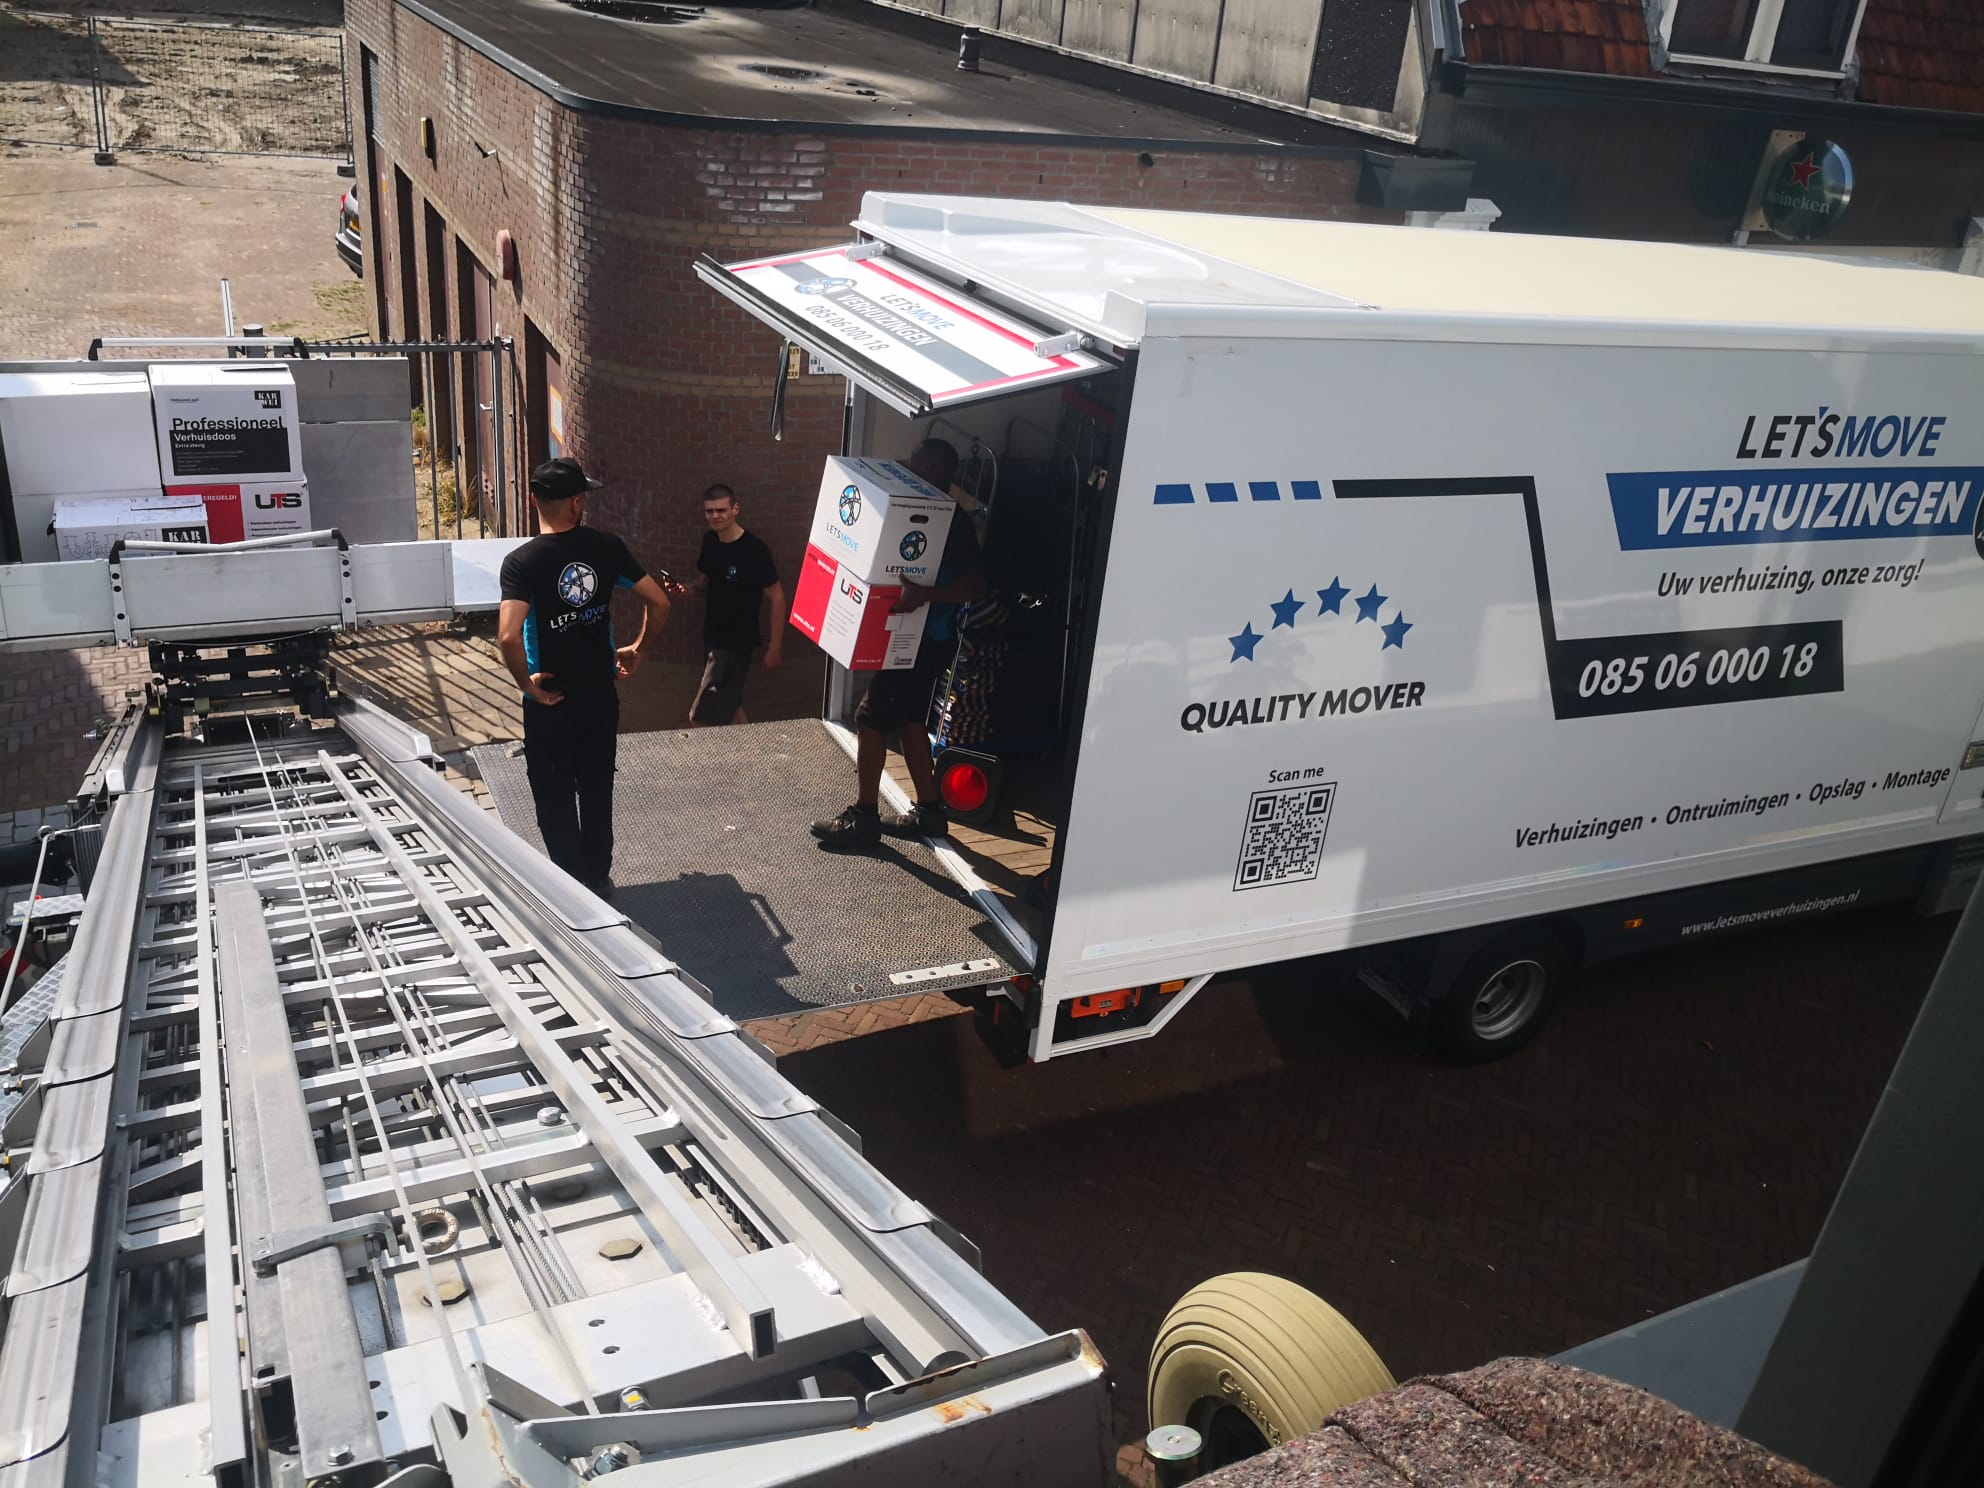 Verhuislift in Rotterdam tijdens een verhuizing